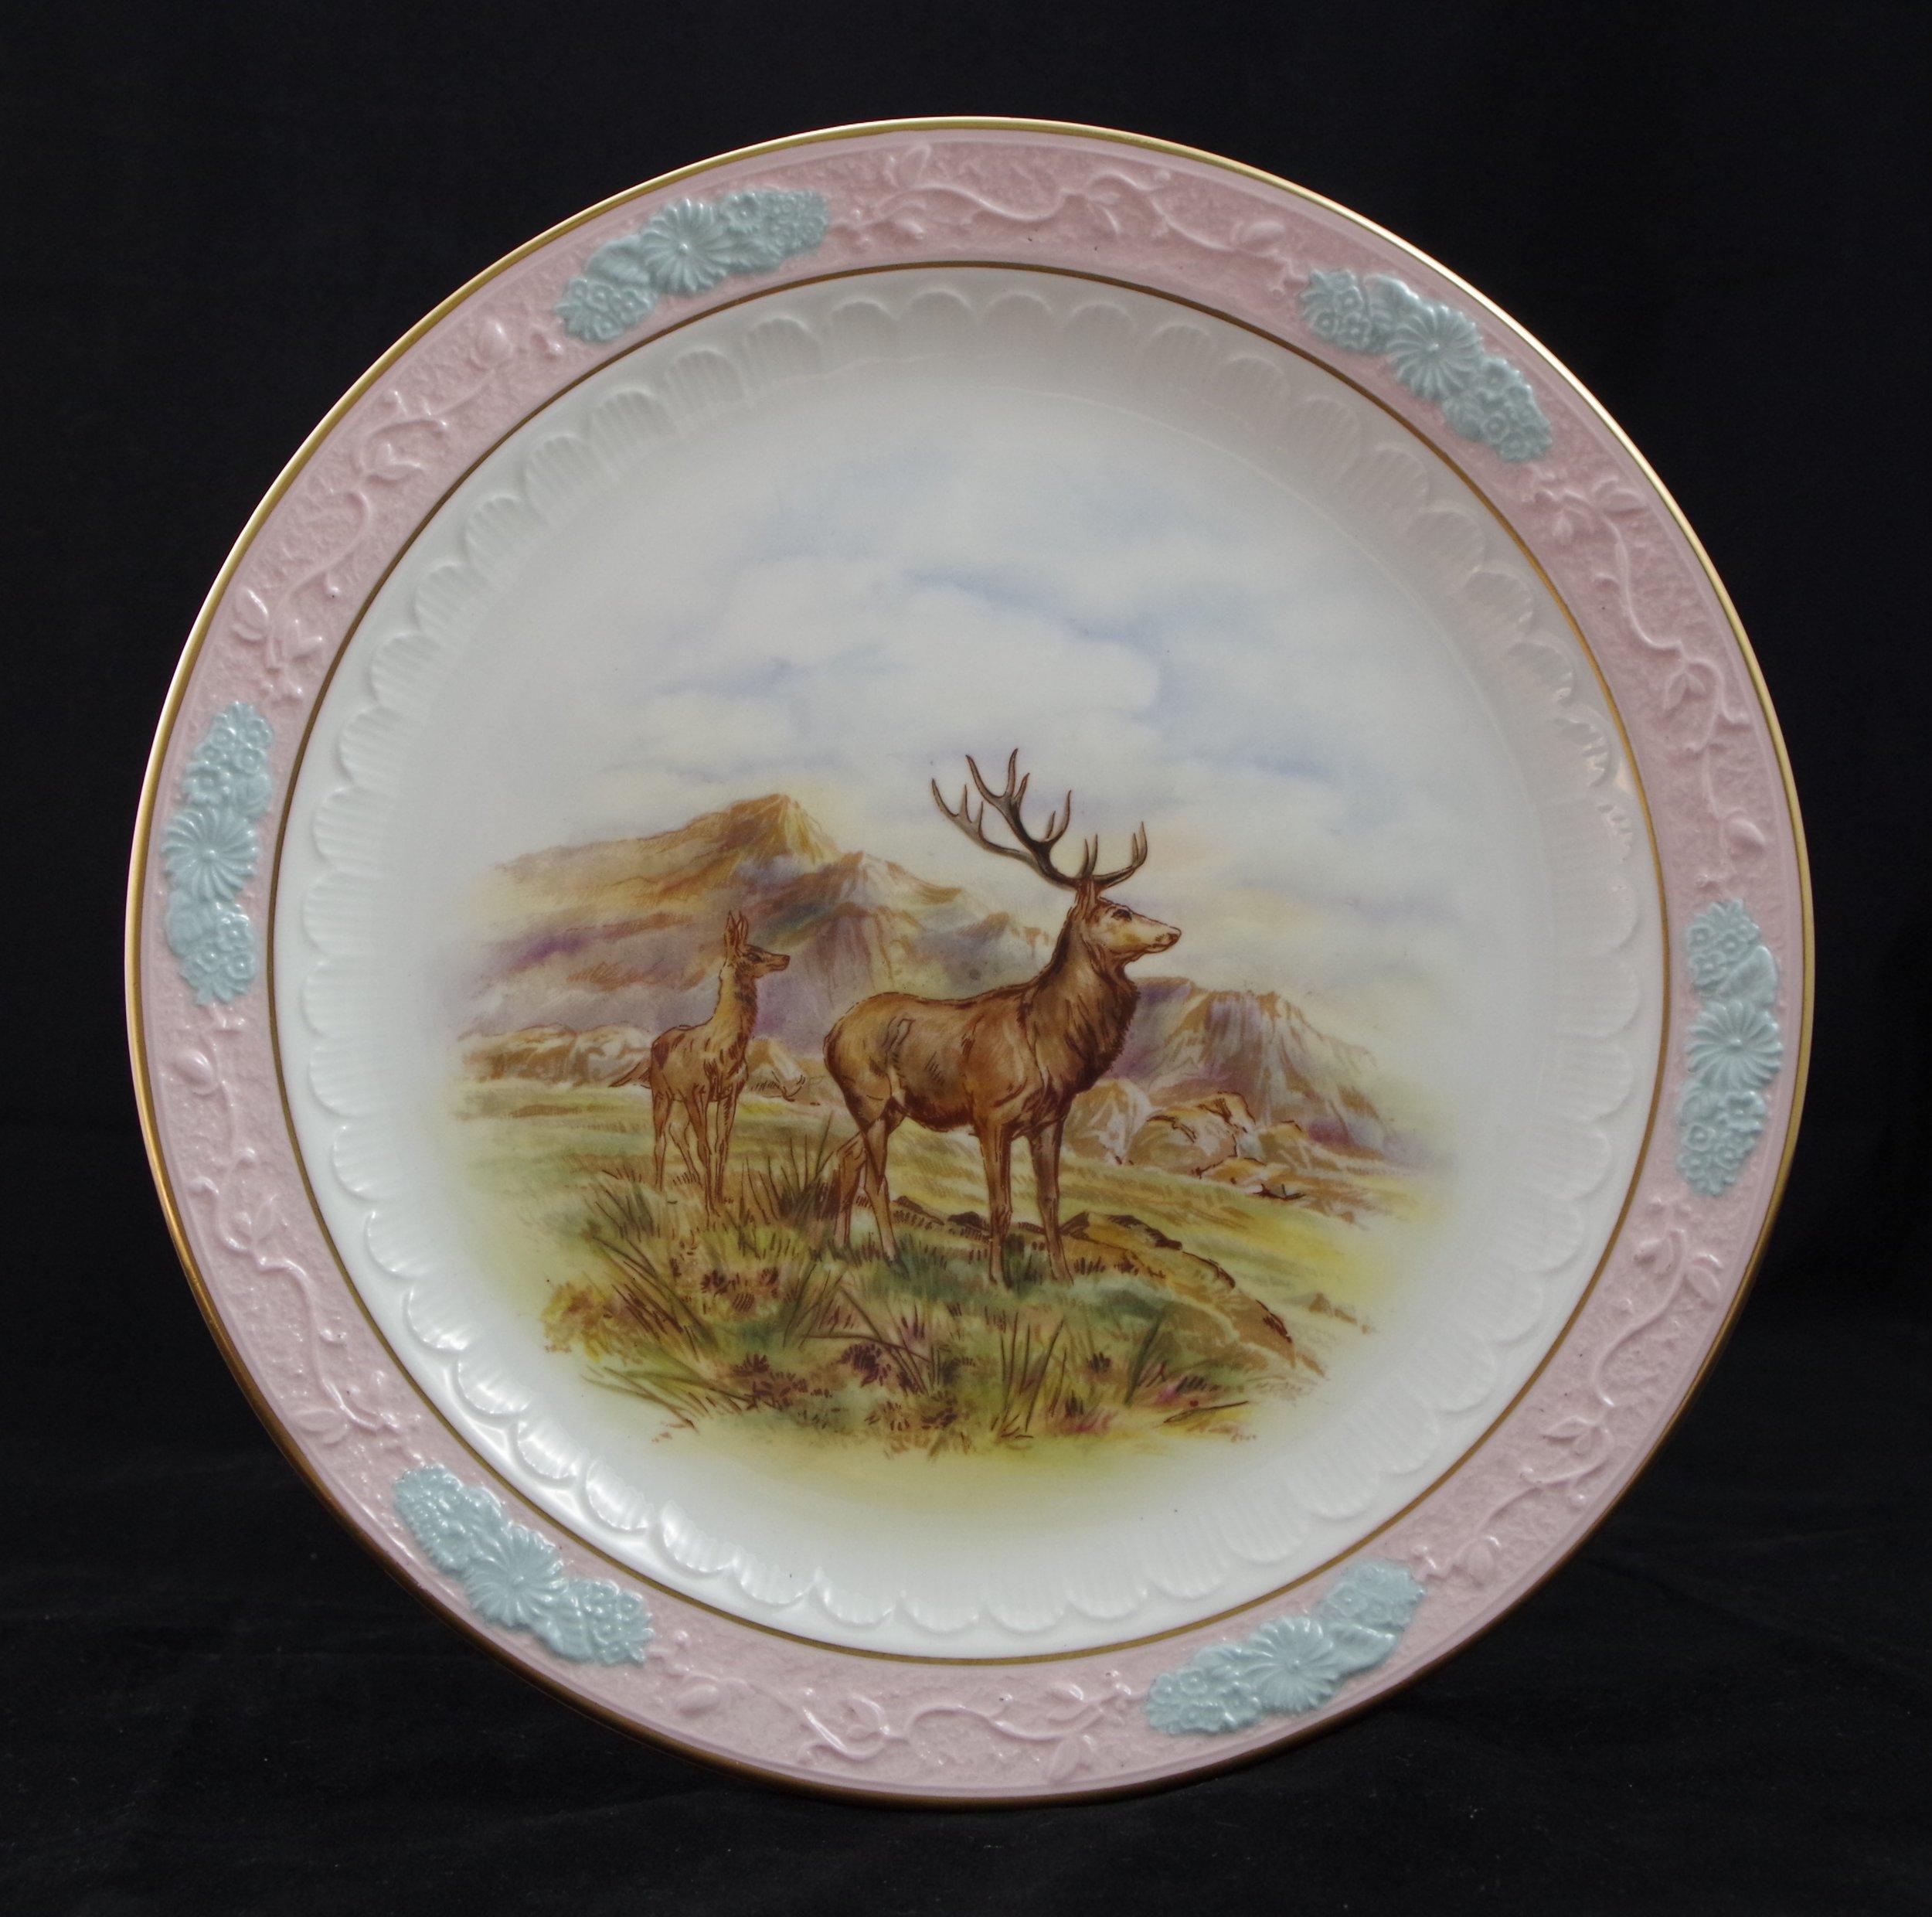 royal-crown-derby-embossed-rim-pink-blue-ground-stag-deer-scene-2